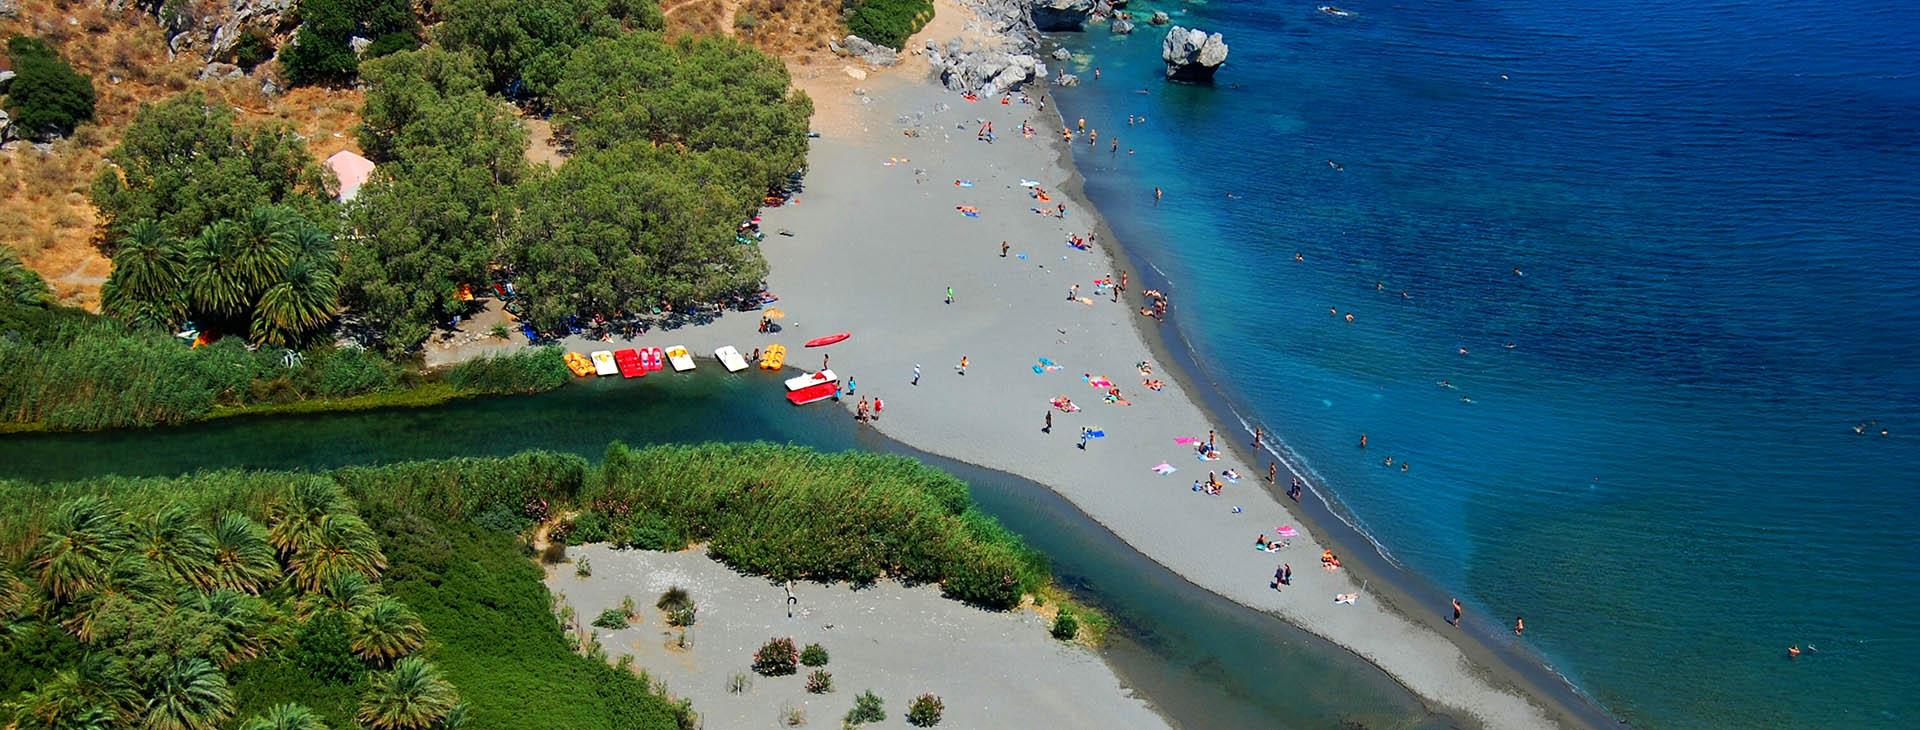 Megalopotamos river and Preveli beach, Rethymnon